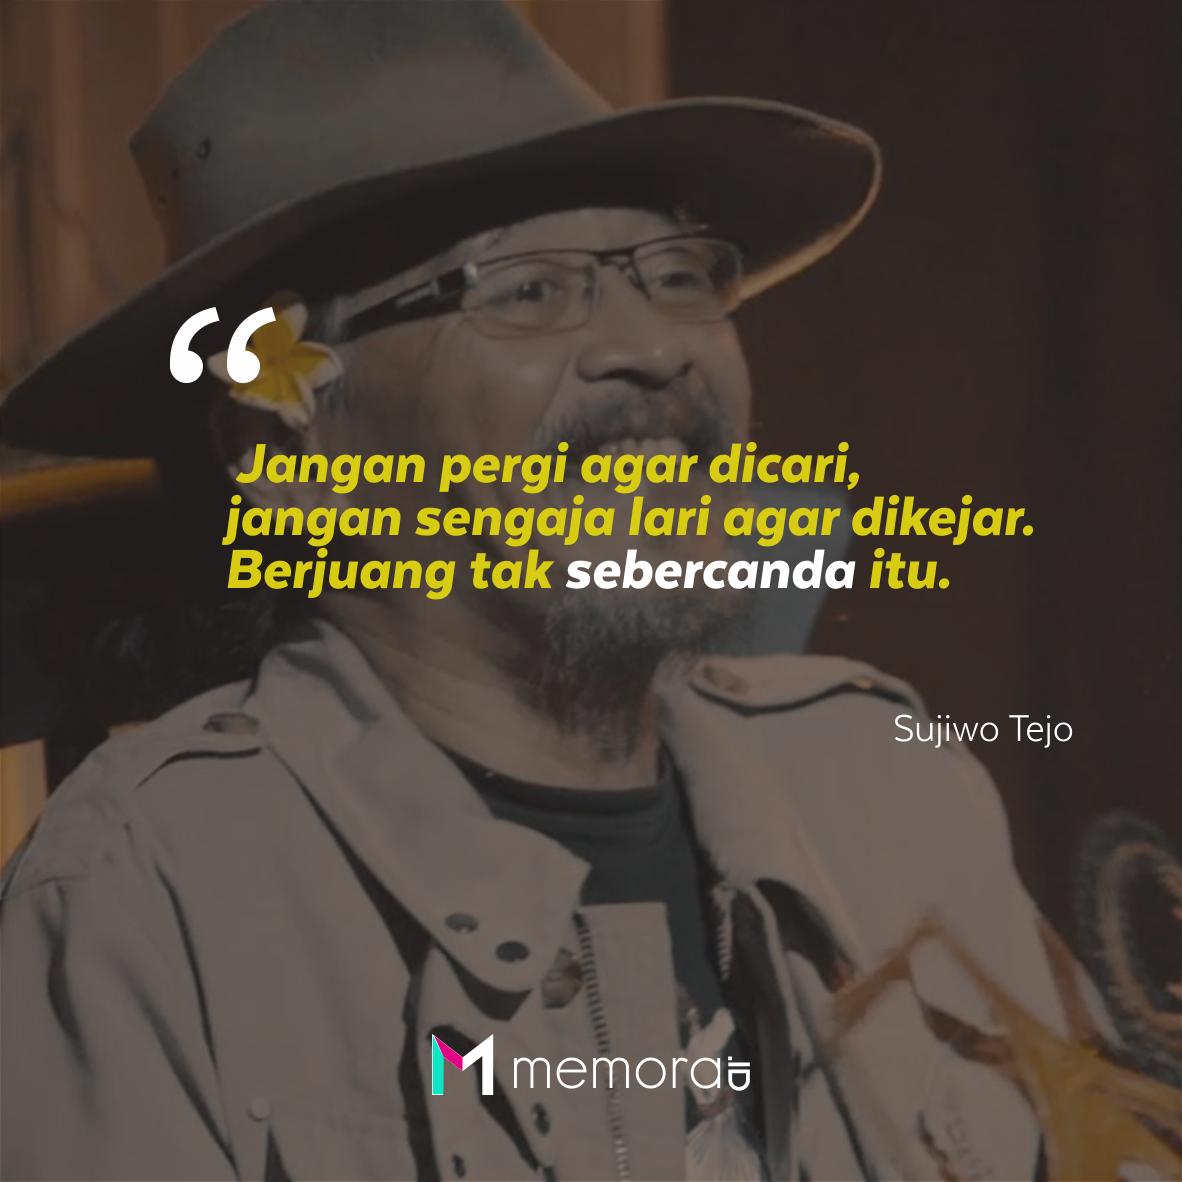 40 Kata Kata Bijak Sujiwo Tejo Merasuk Perasaan Memorable With Us